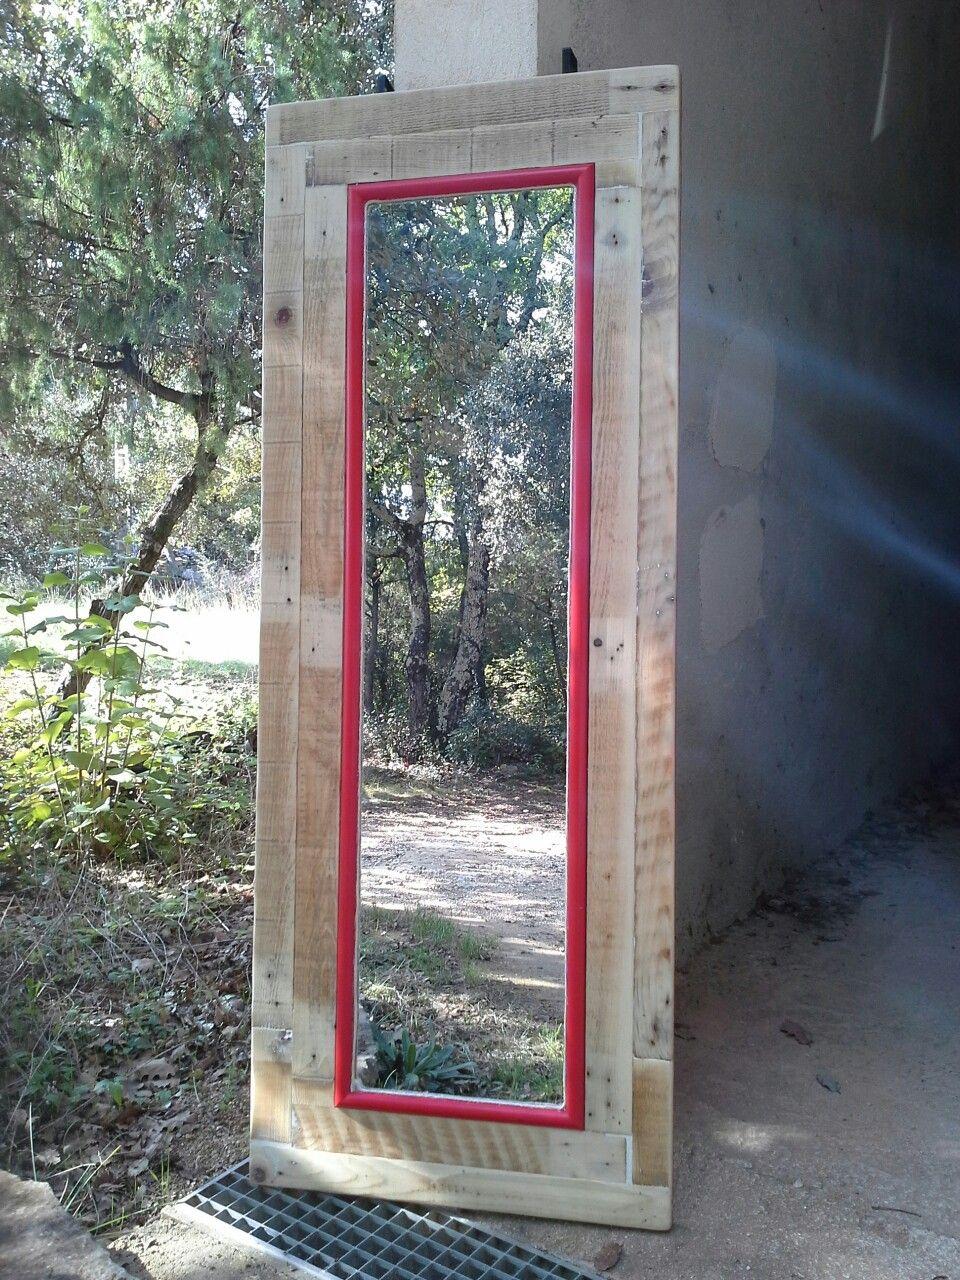 Miroir De Chez Gifi Revu Et Corrige Tambour Machine A Laver Idees Pour La Maison Miroir